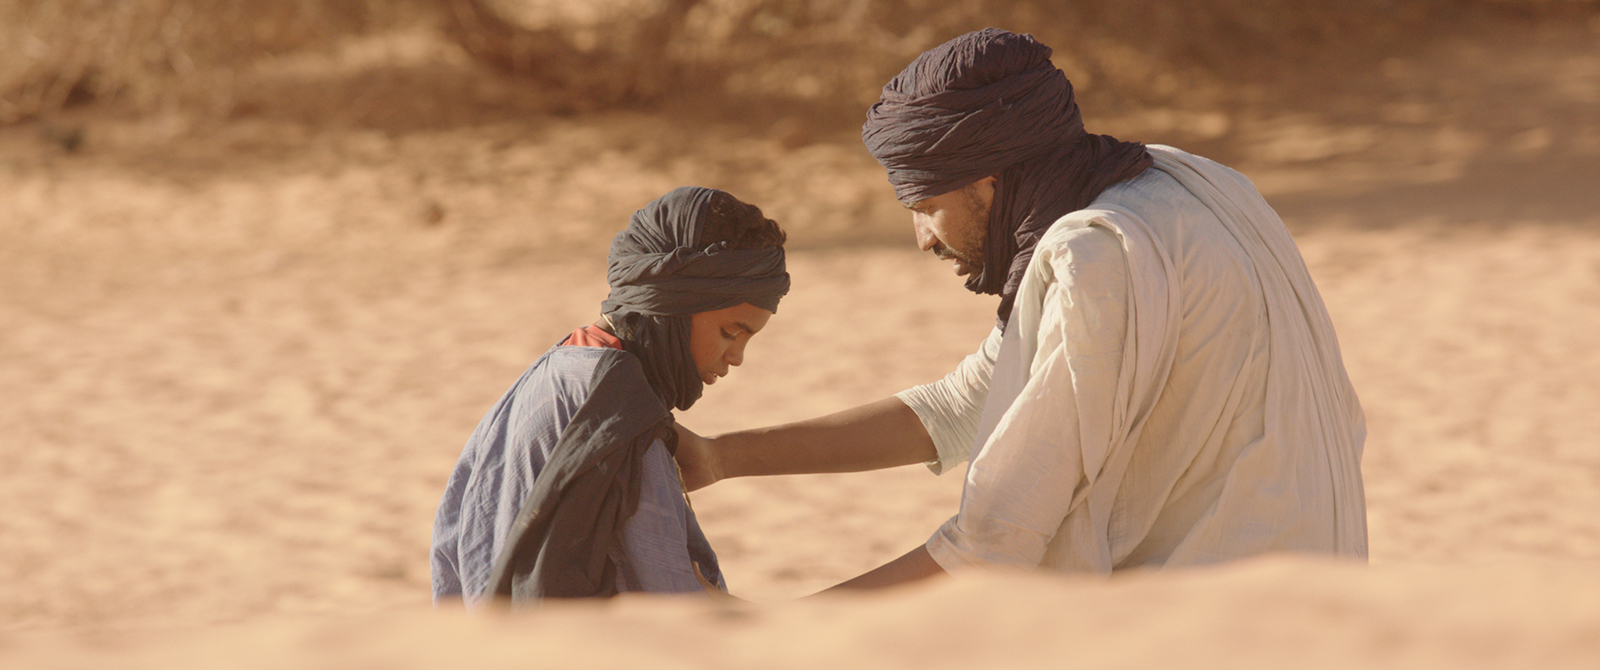 Timbuktu : Photo